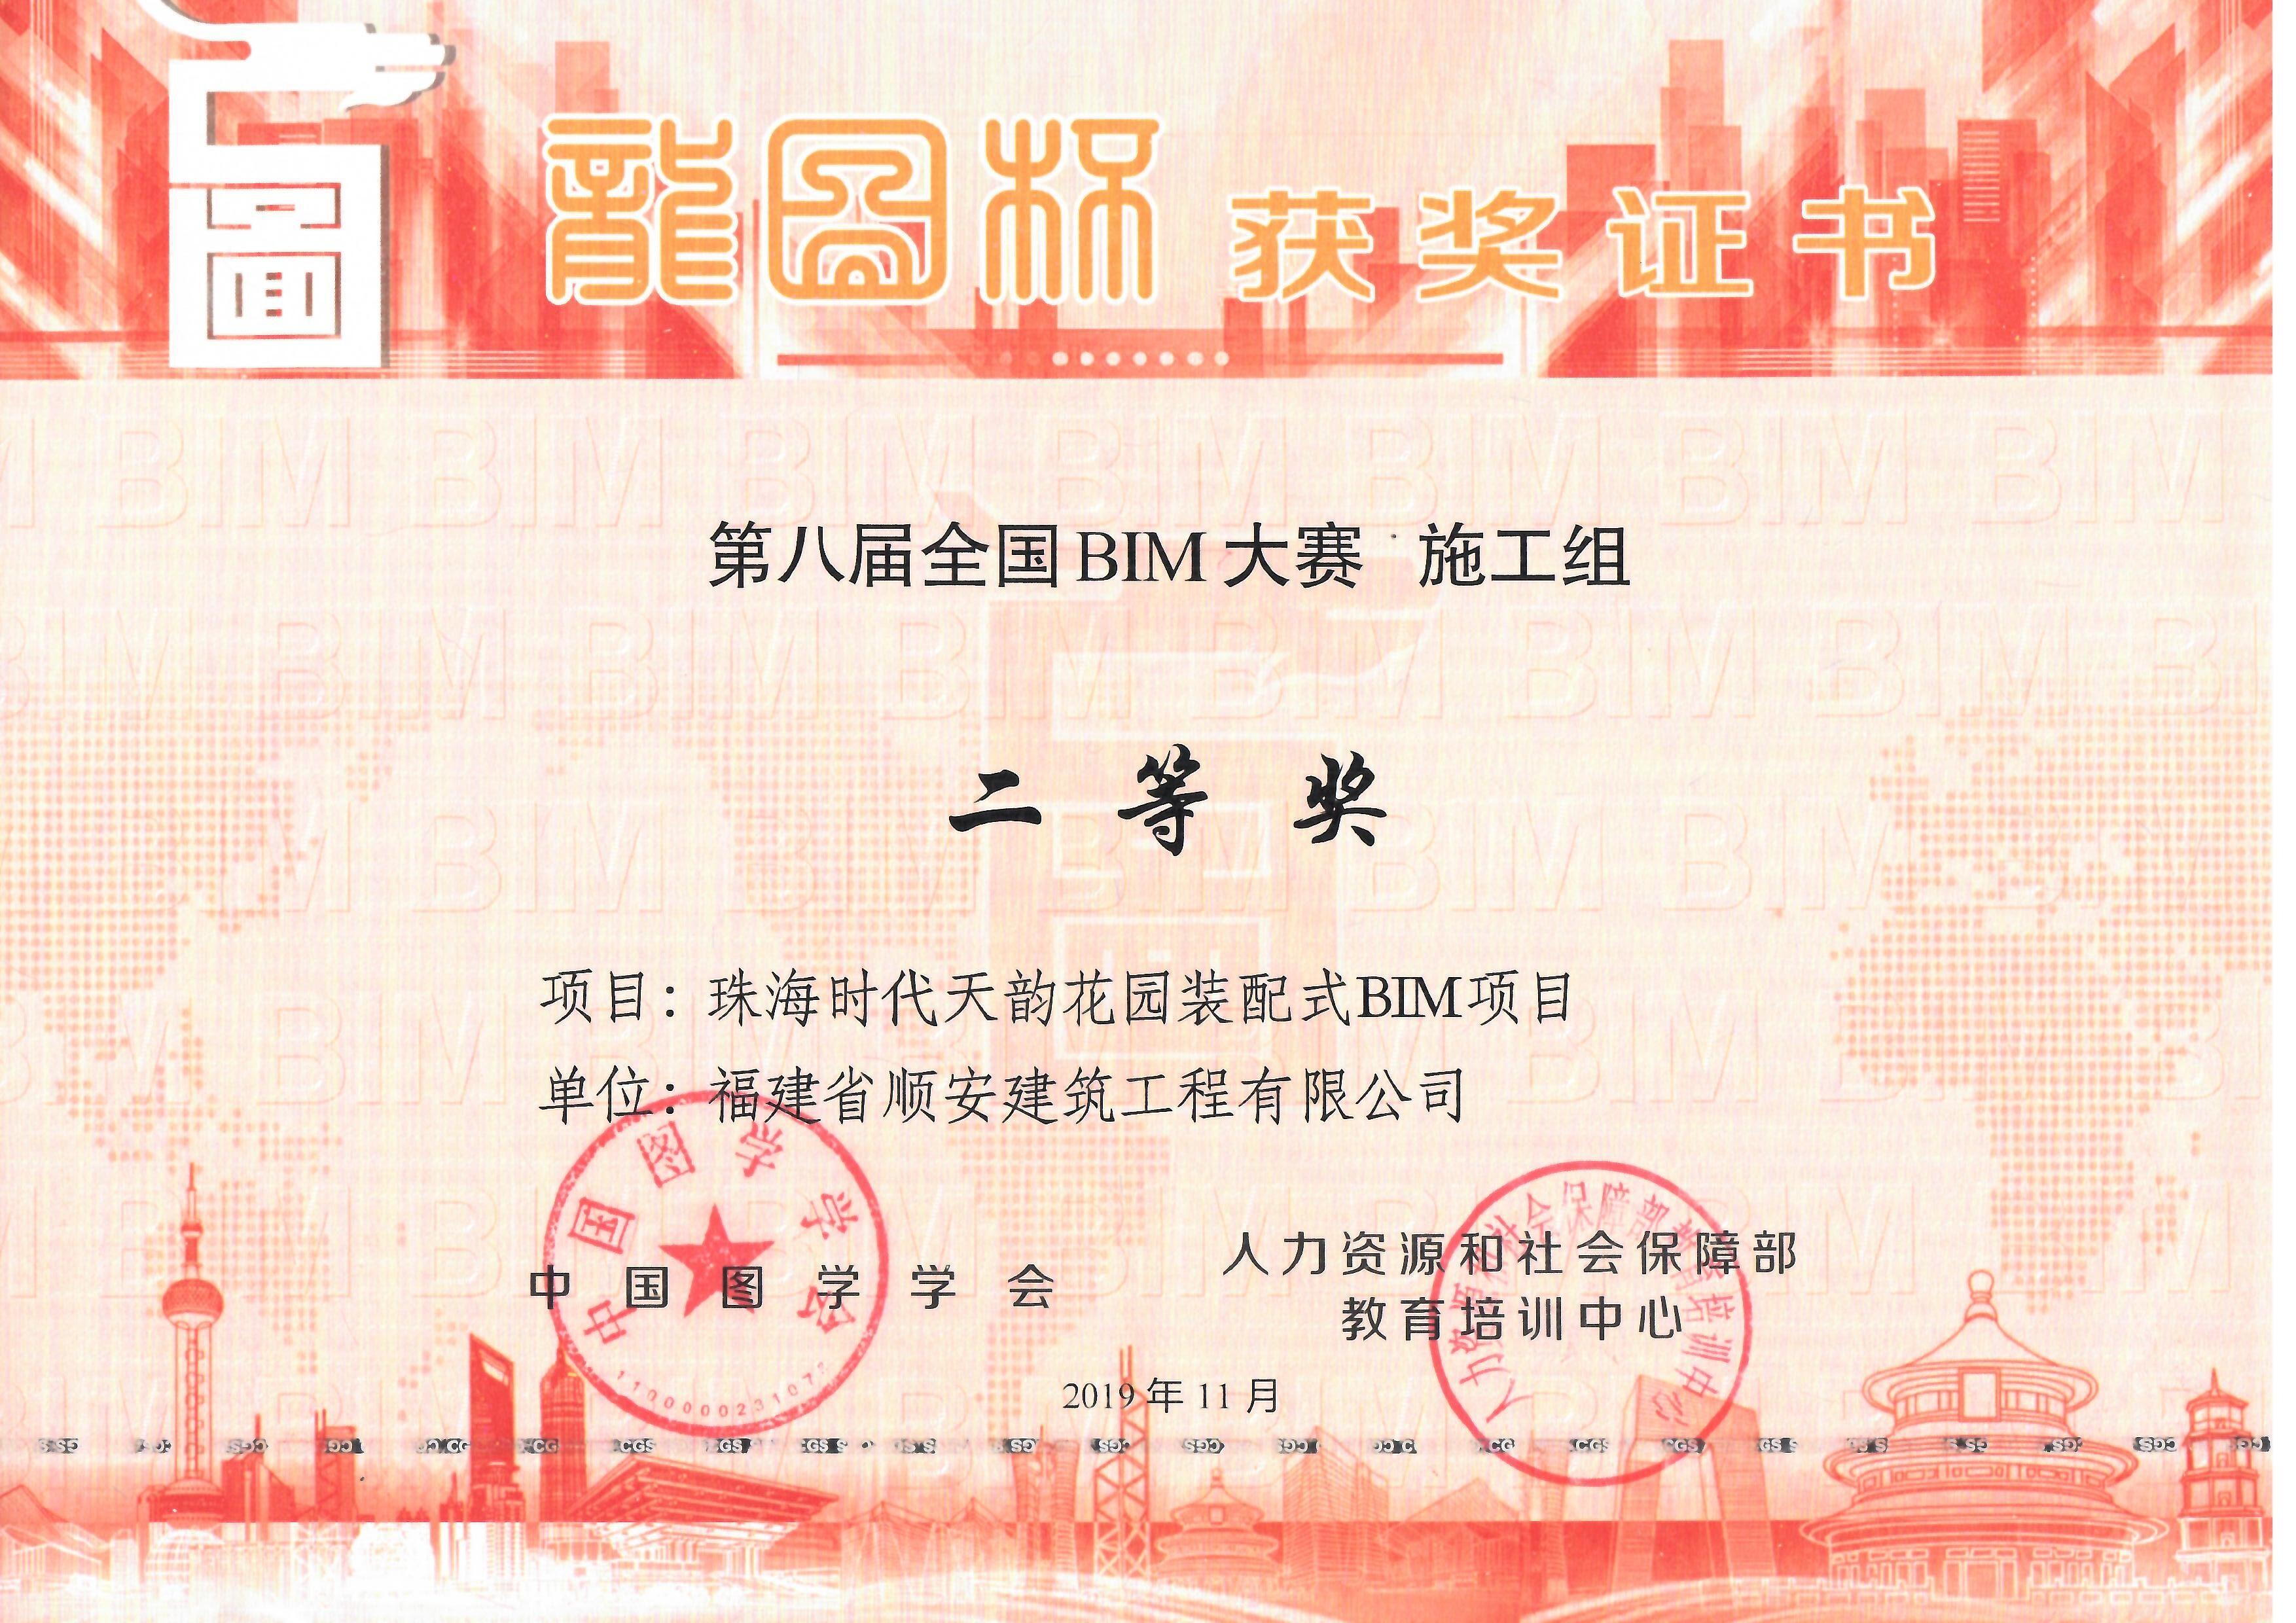 热烈祝贺福建顺安建筑工程有限公司荣获第八届全国BIM大赛二等奖